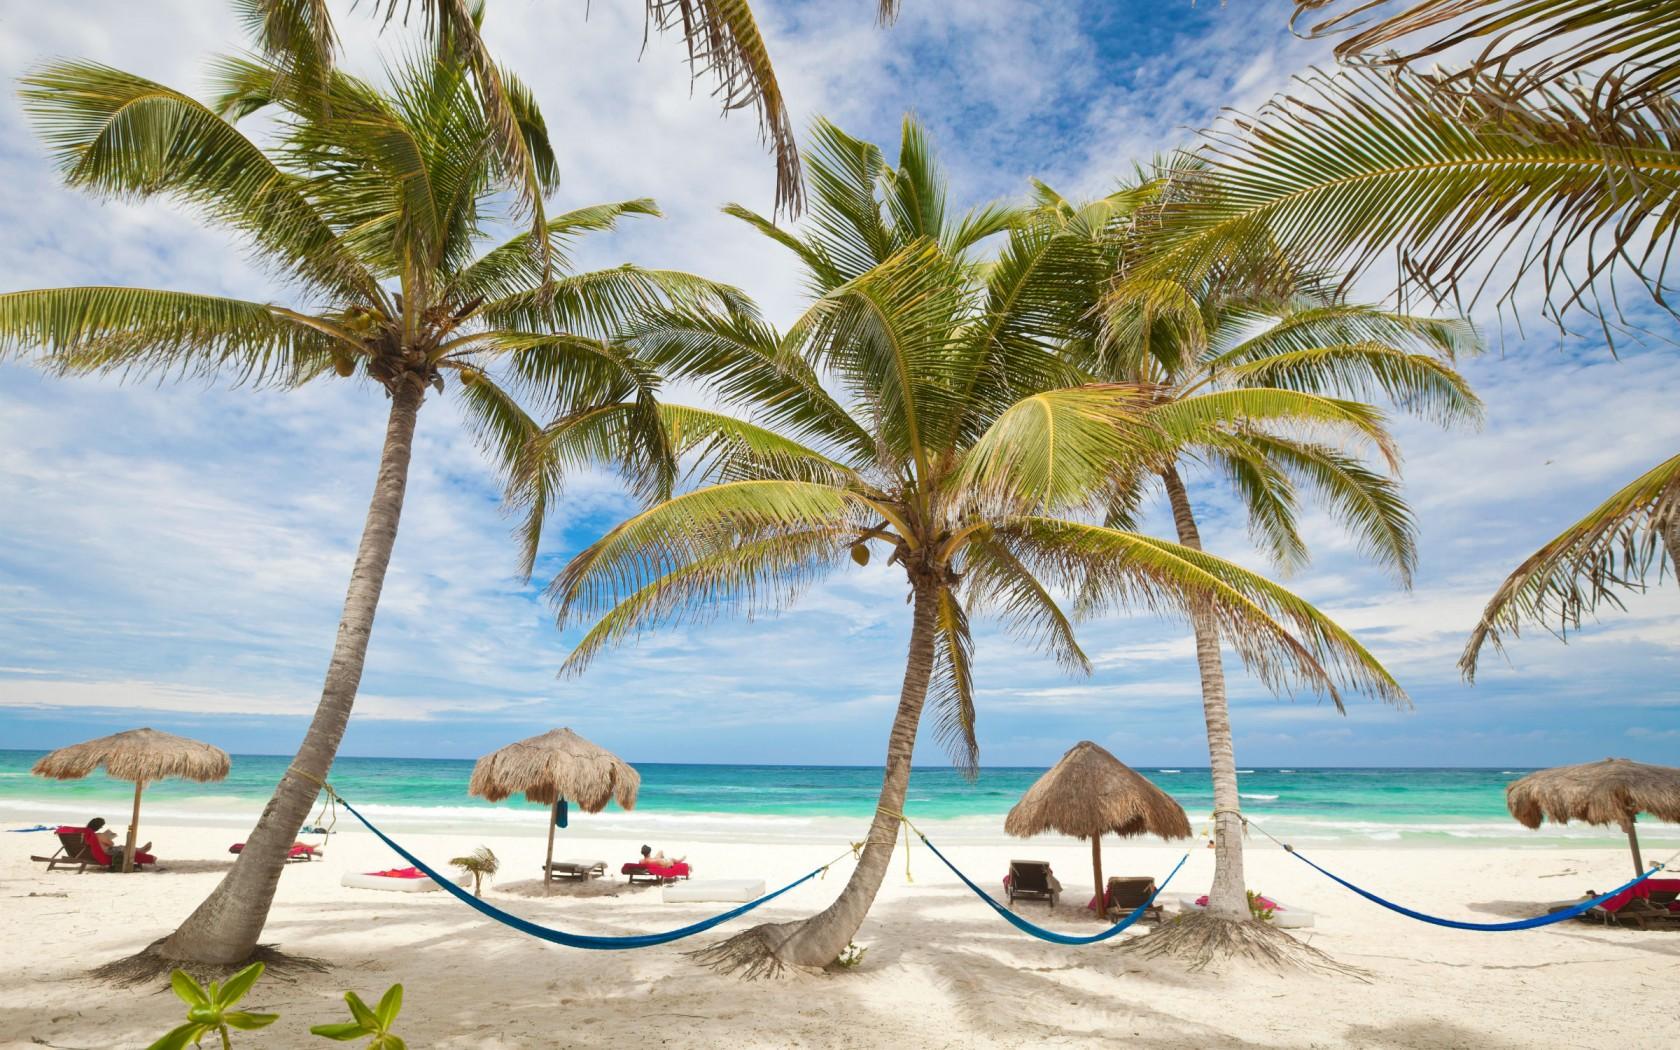 TULUM MEXICO BEACH NICE PHOTO